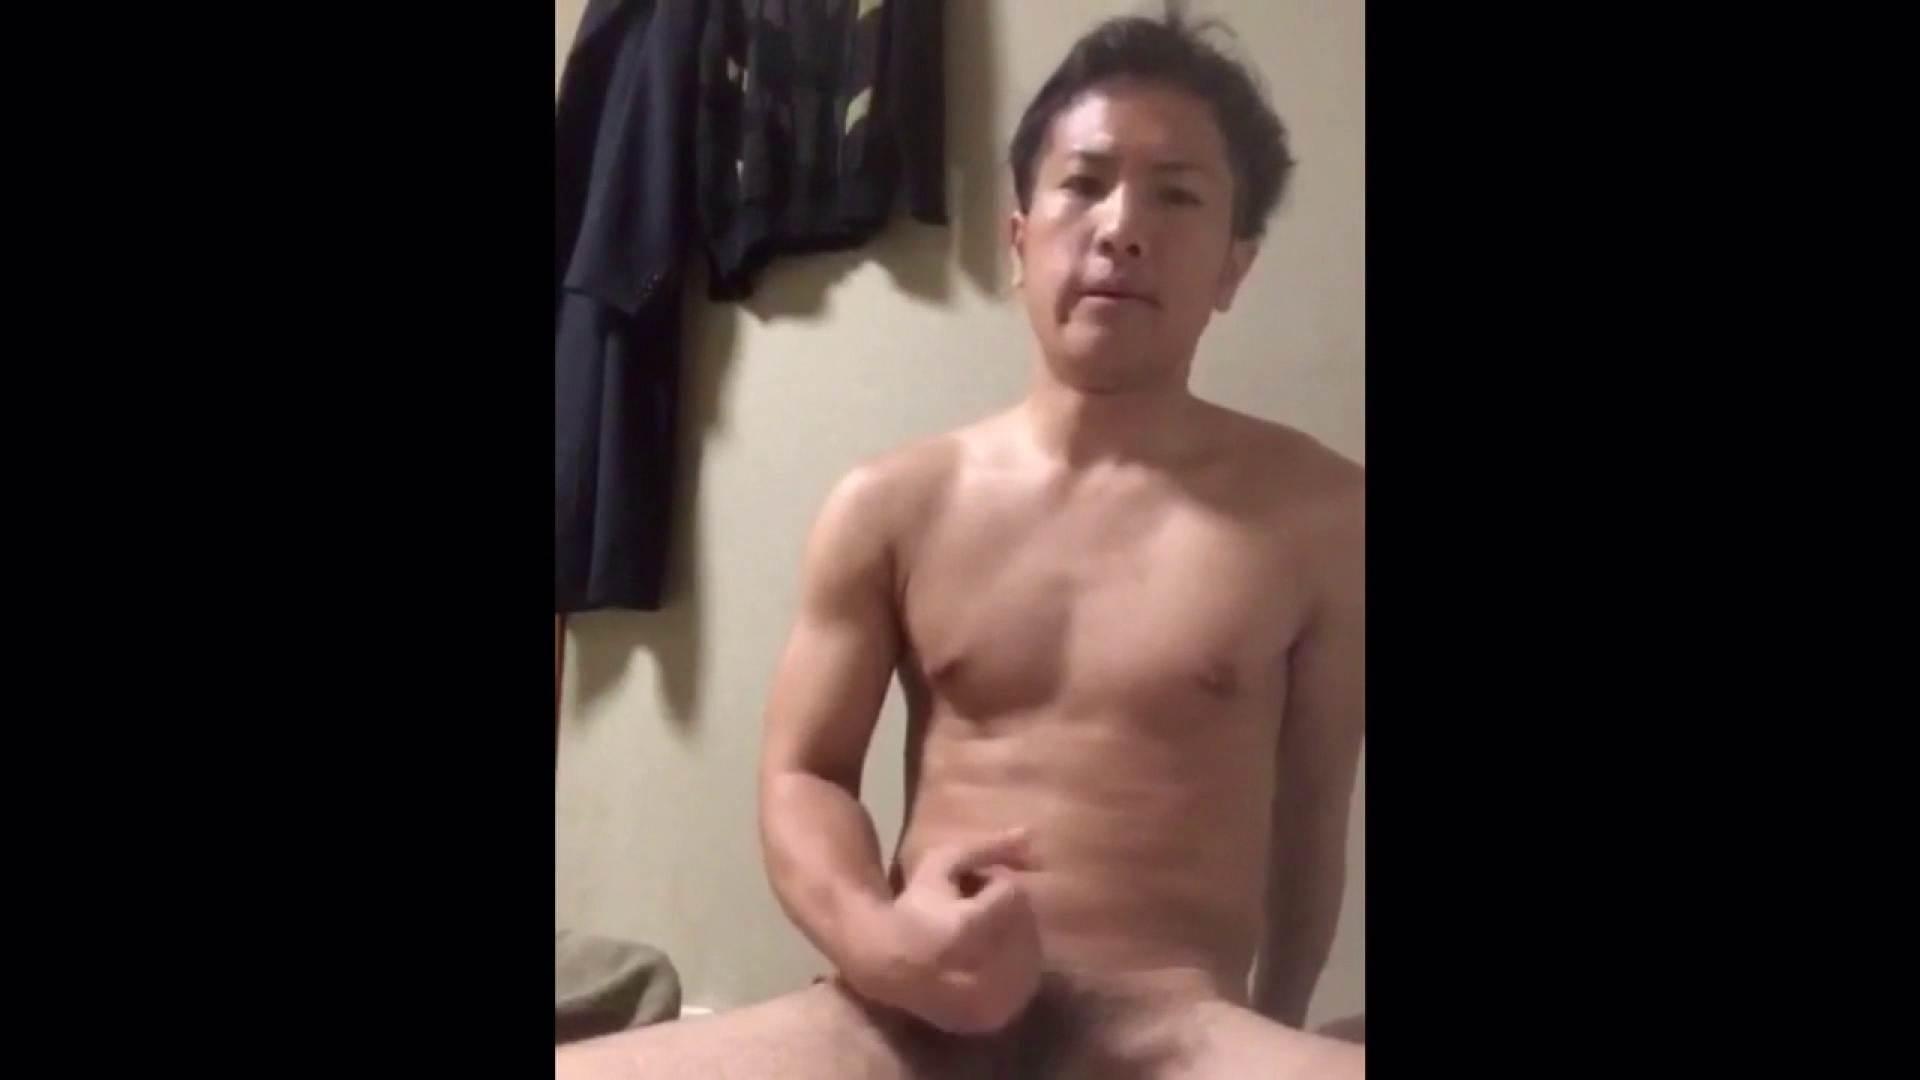 個人撮影 自慰の極意 Vol.25 オナニー ゲイアダルトビデオ画像 111pic 3